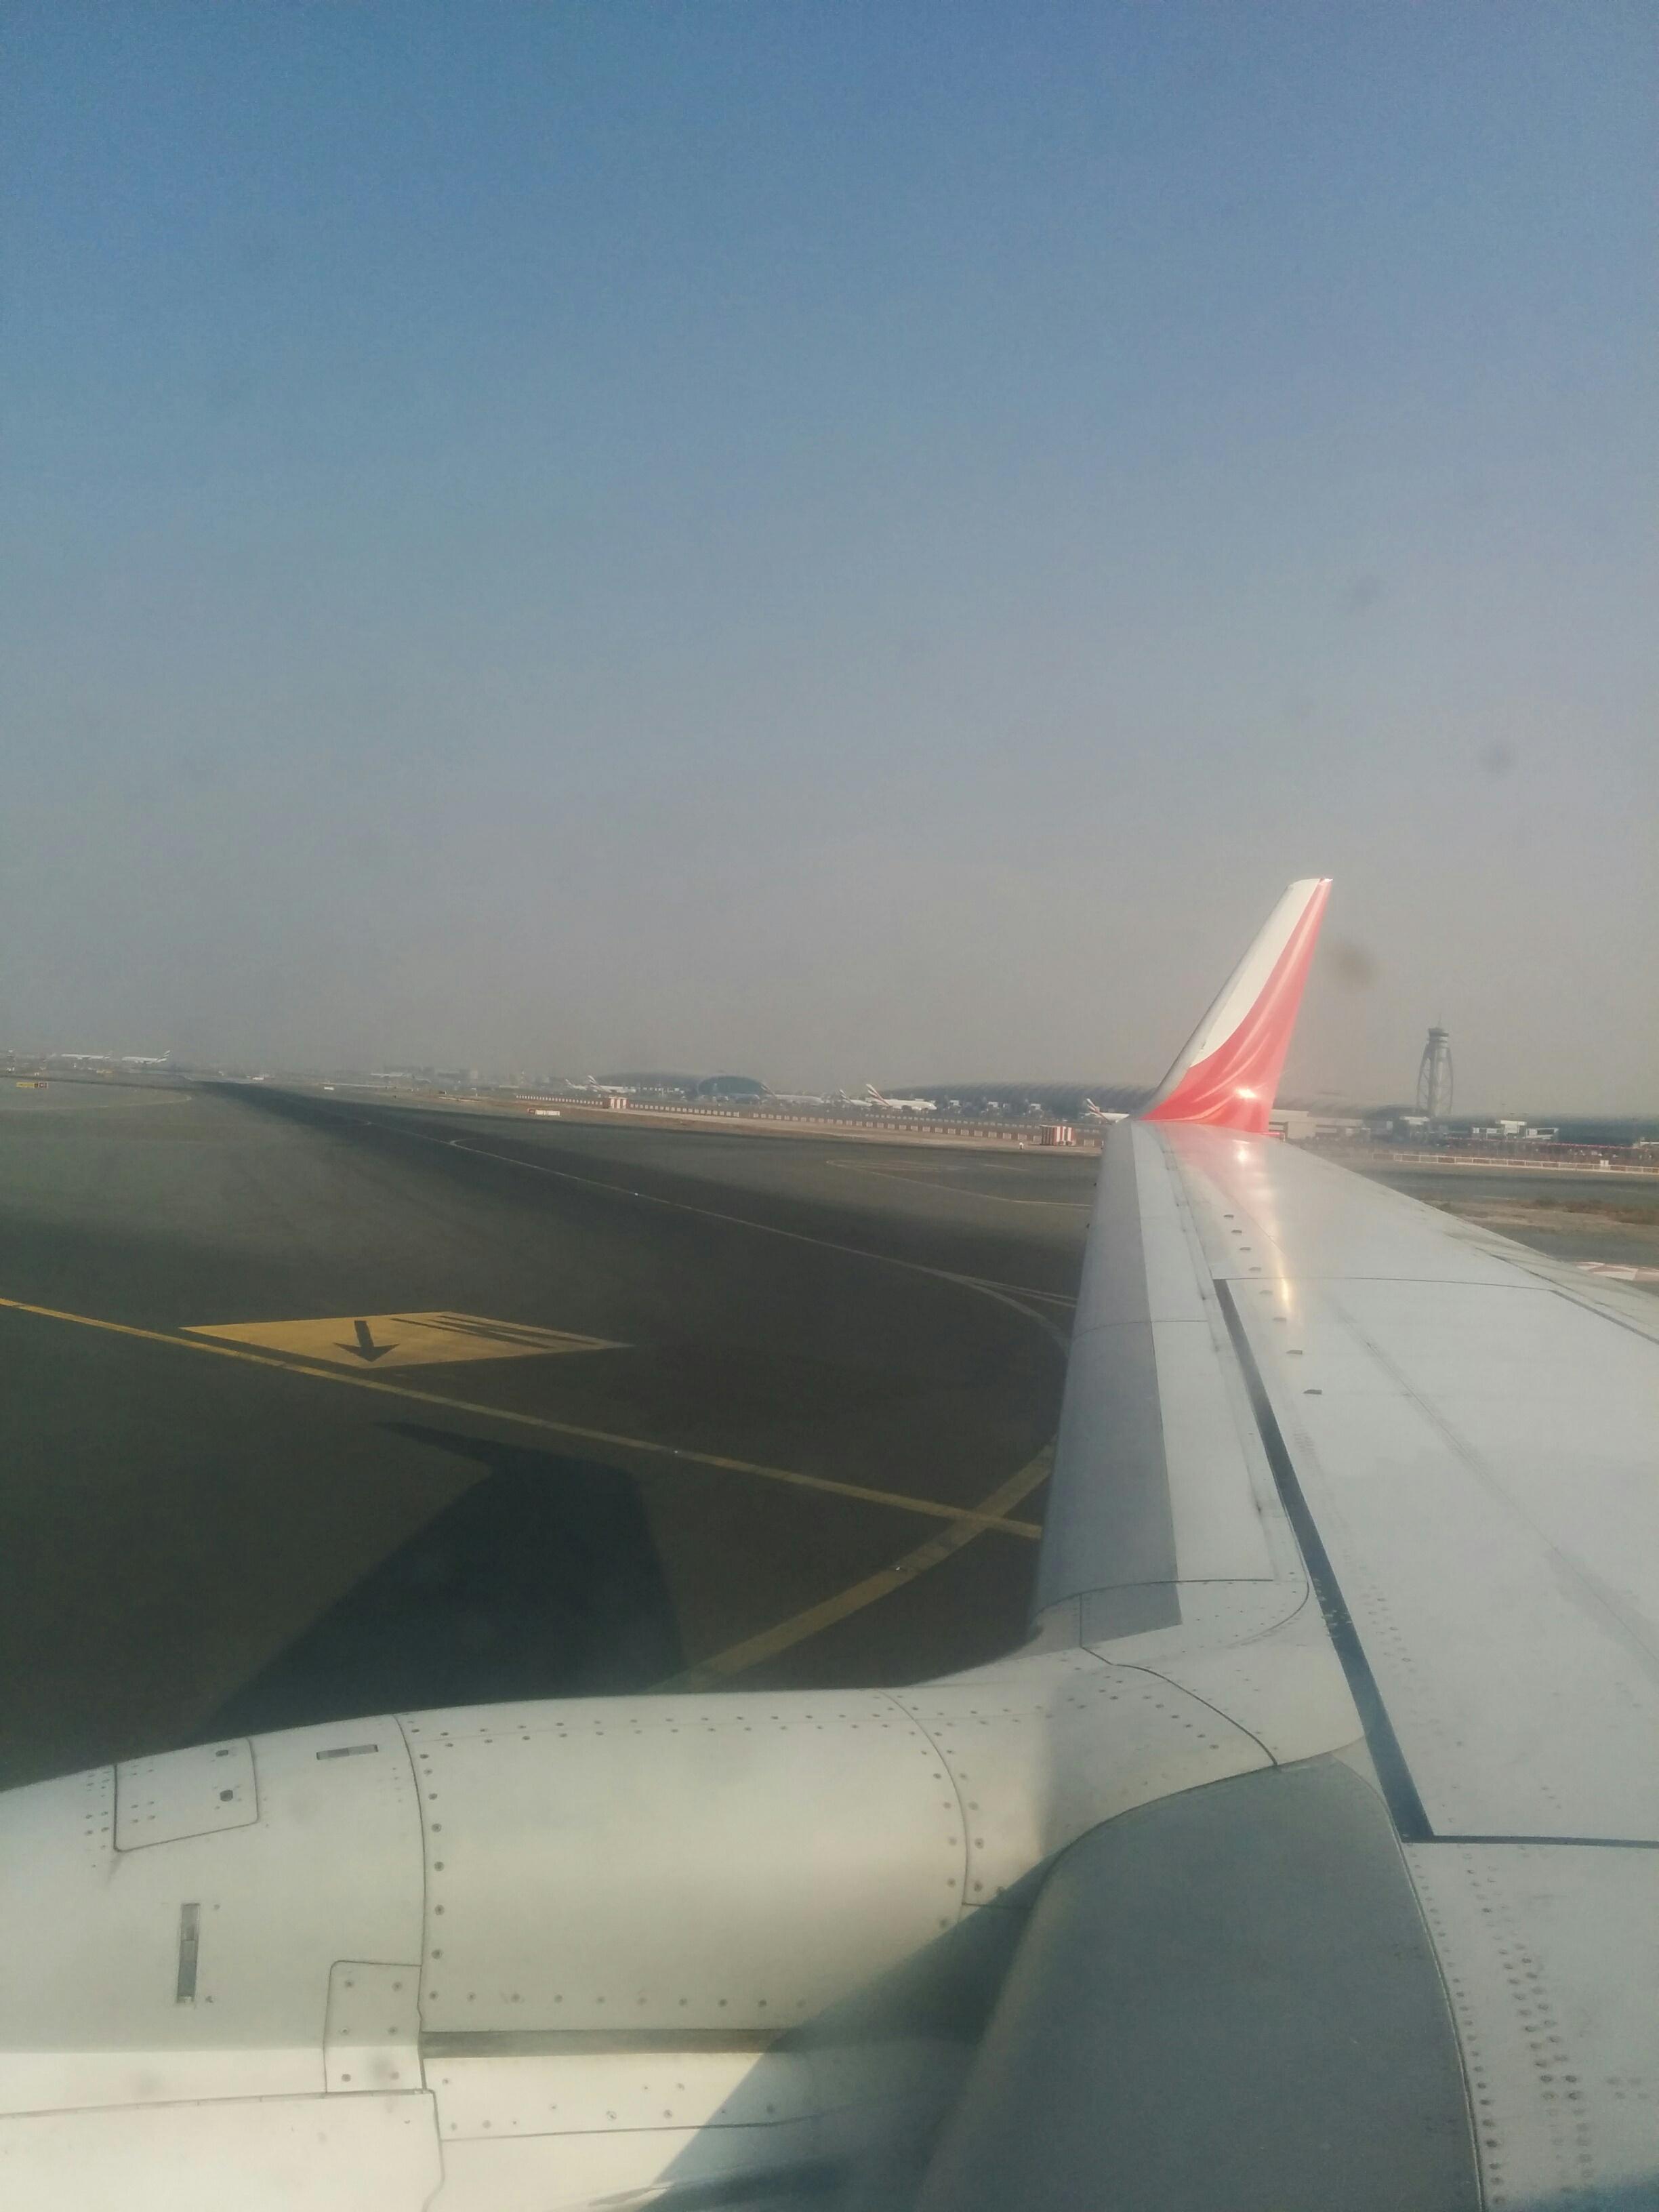 Air India Express Customer Reviews | SKYTRAX